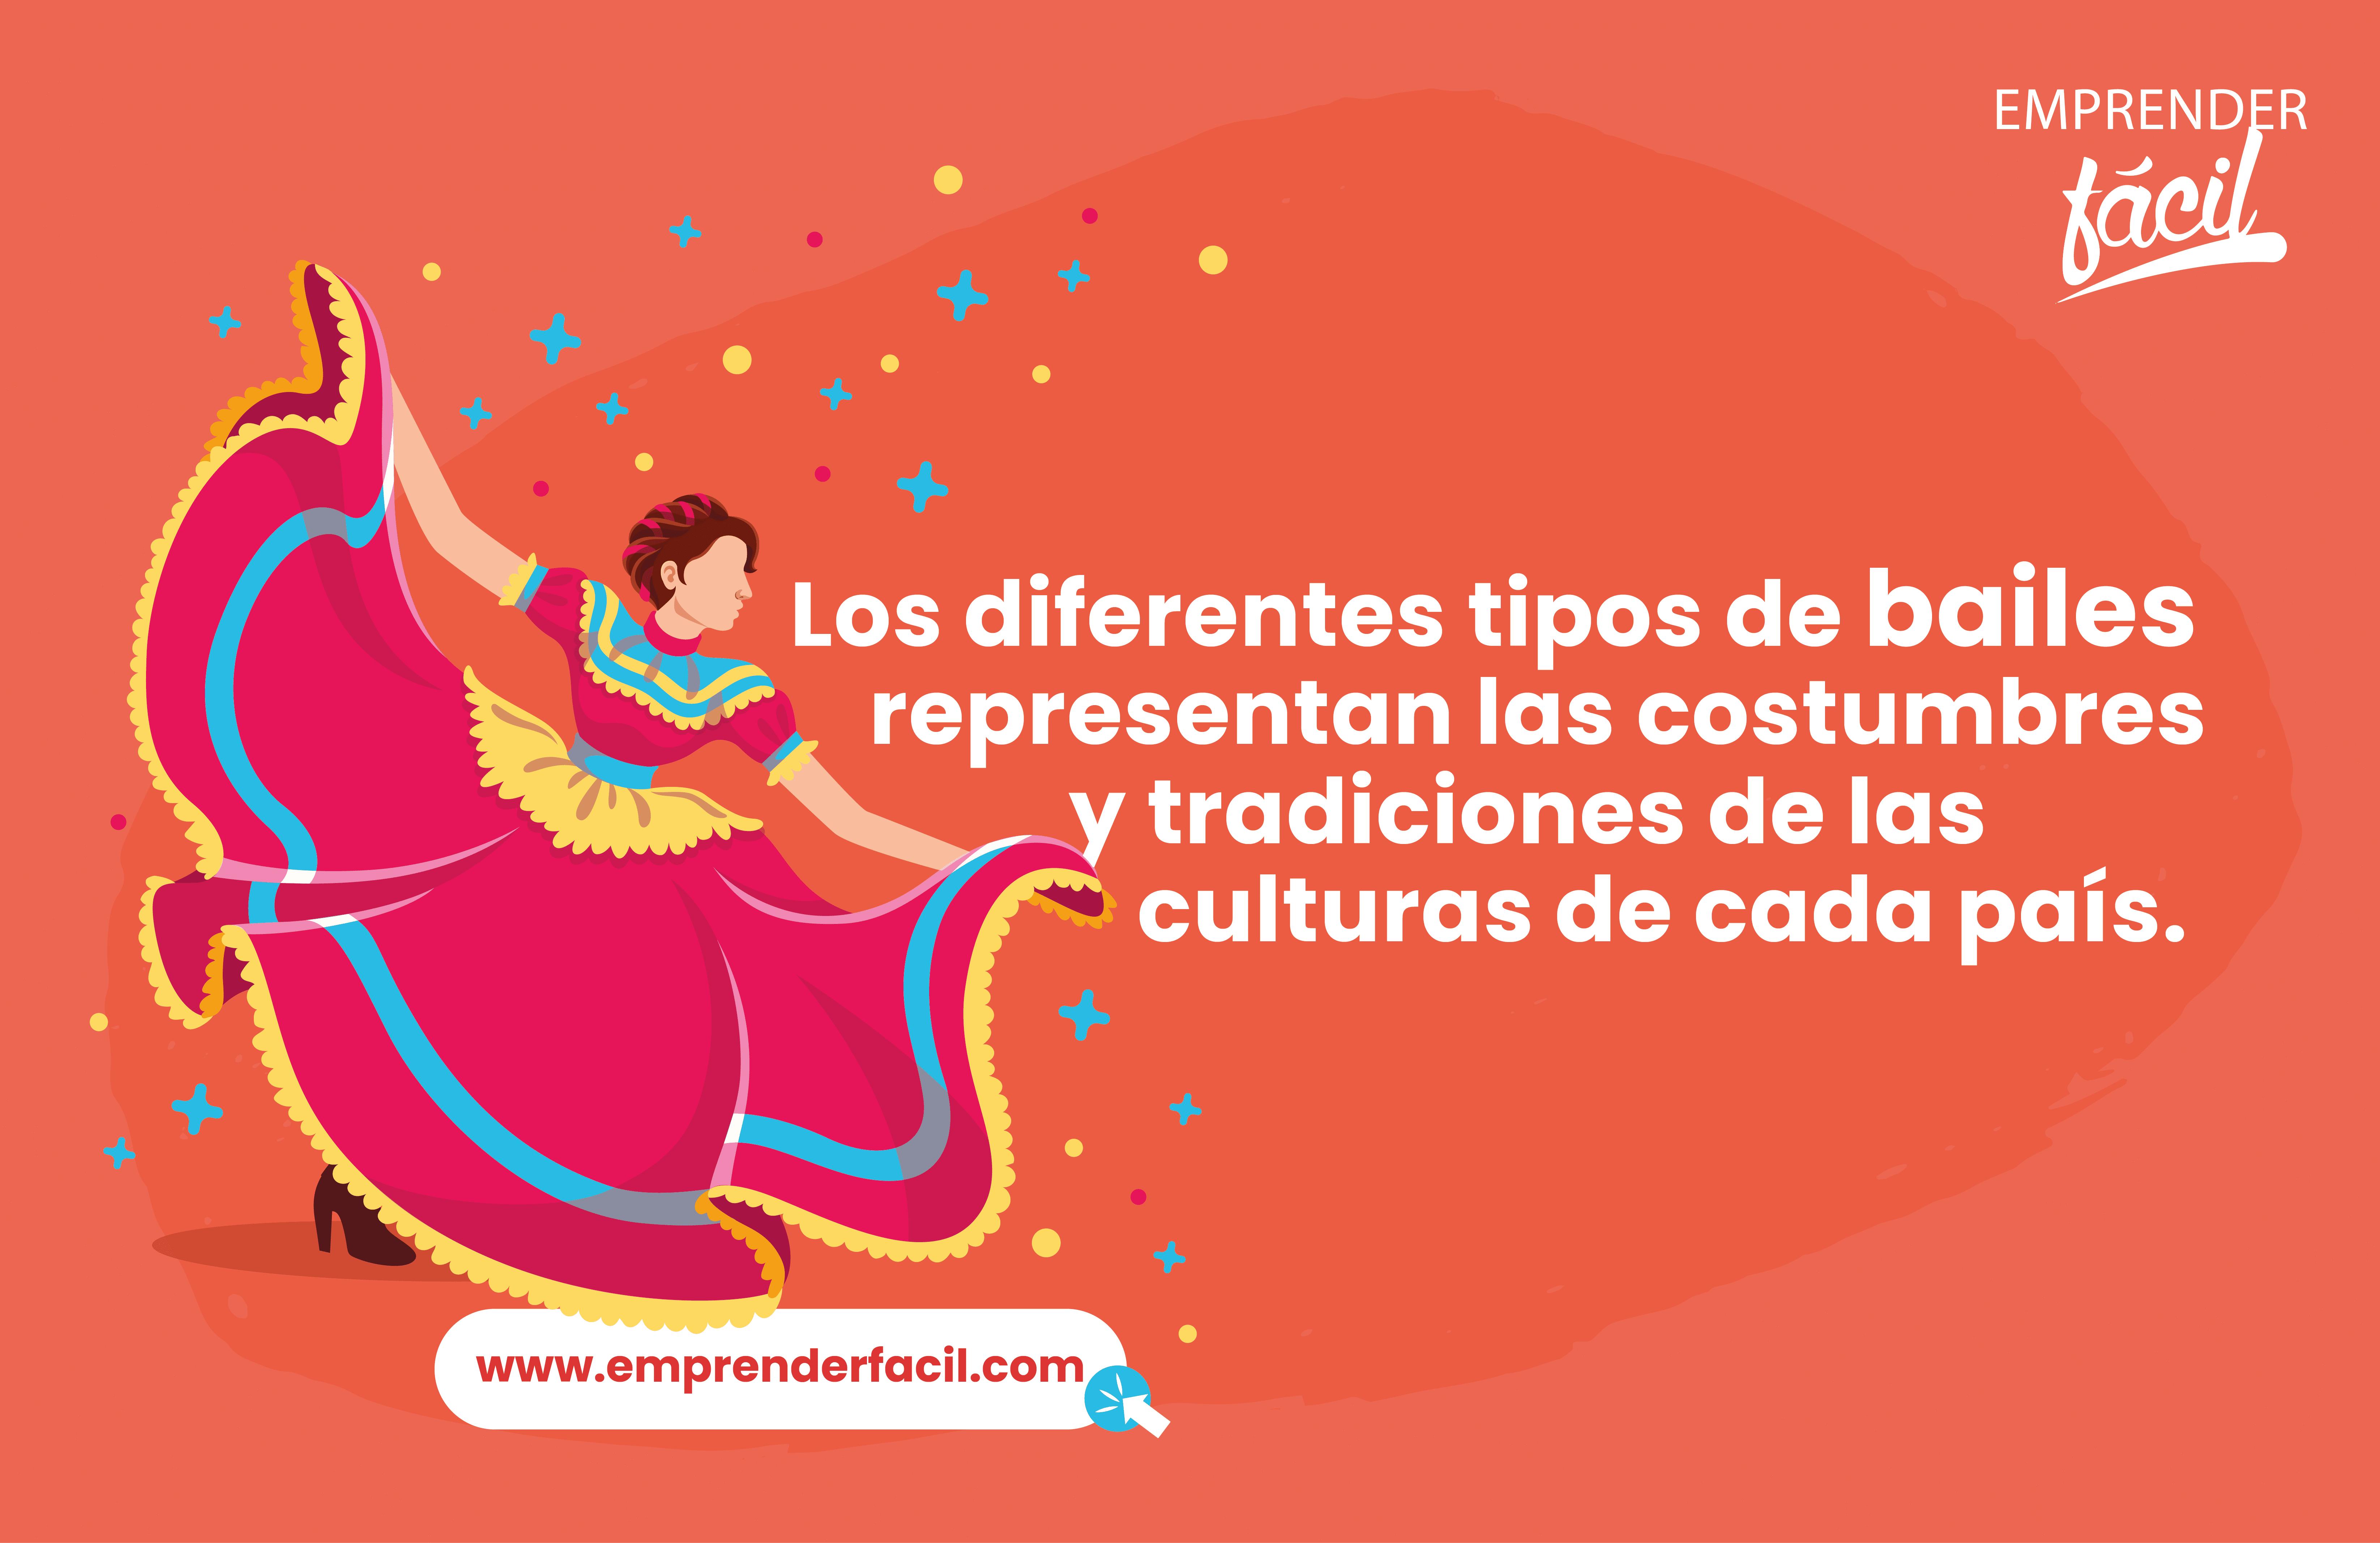 Las costumbres y tradiciones son expresadas en cada tipo de baile.